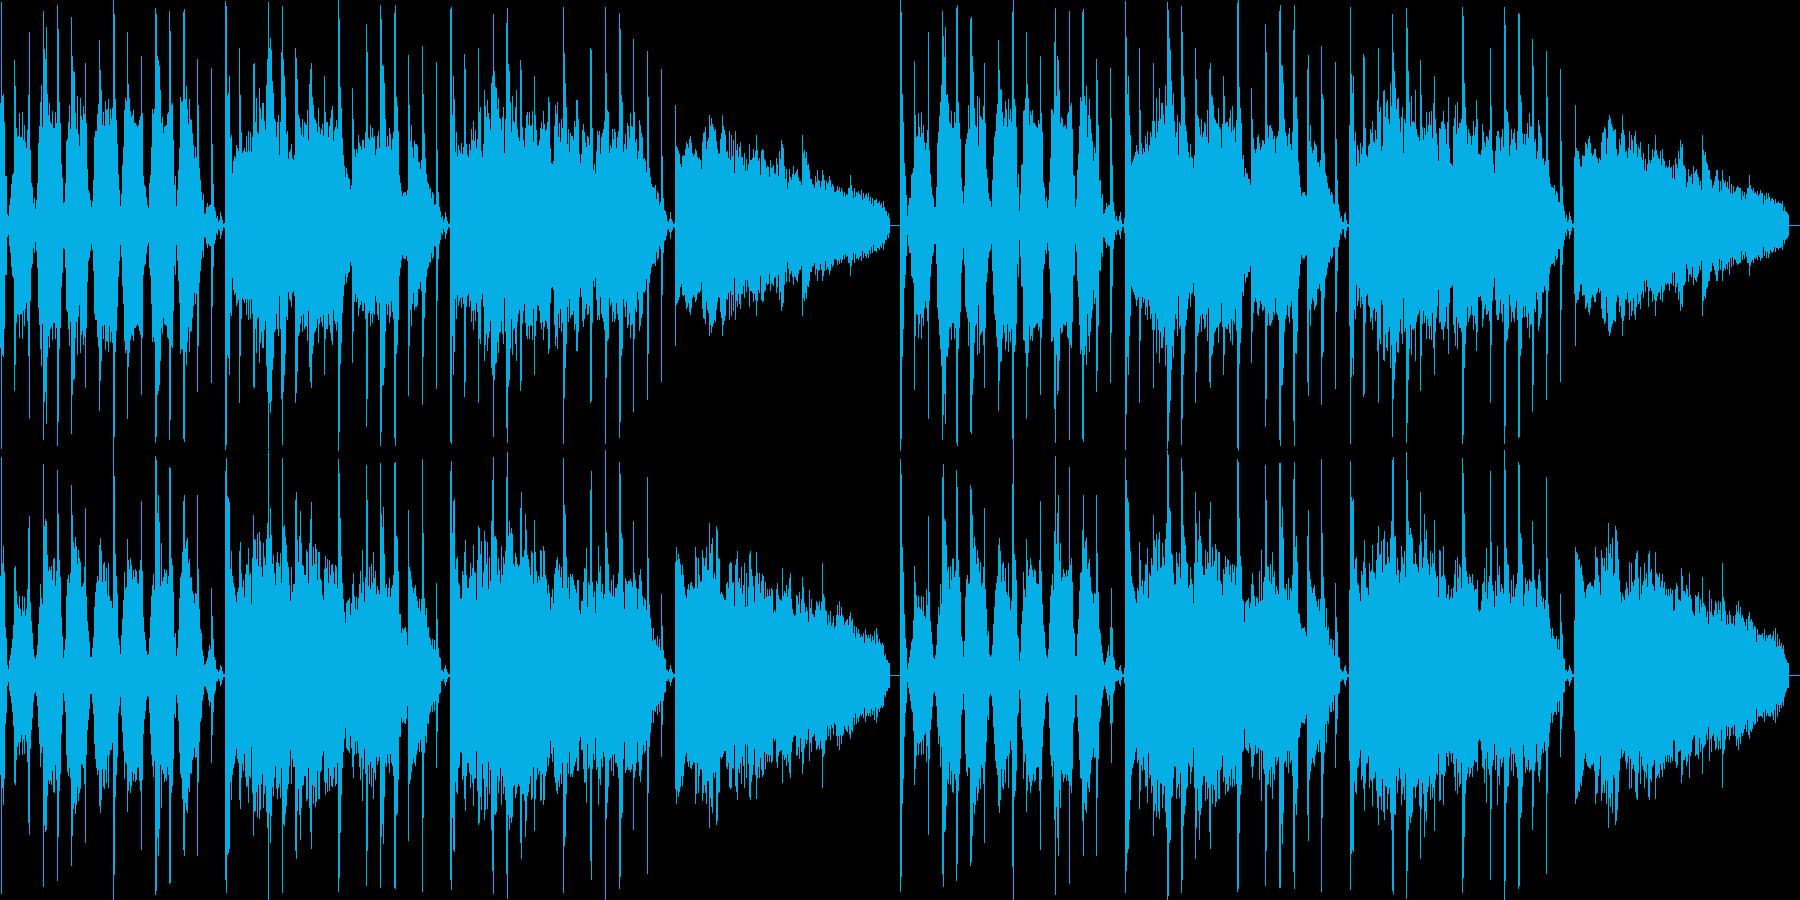 【ロマンチック/ピアノJAZZ】の再生済みの波形